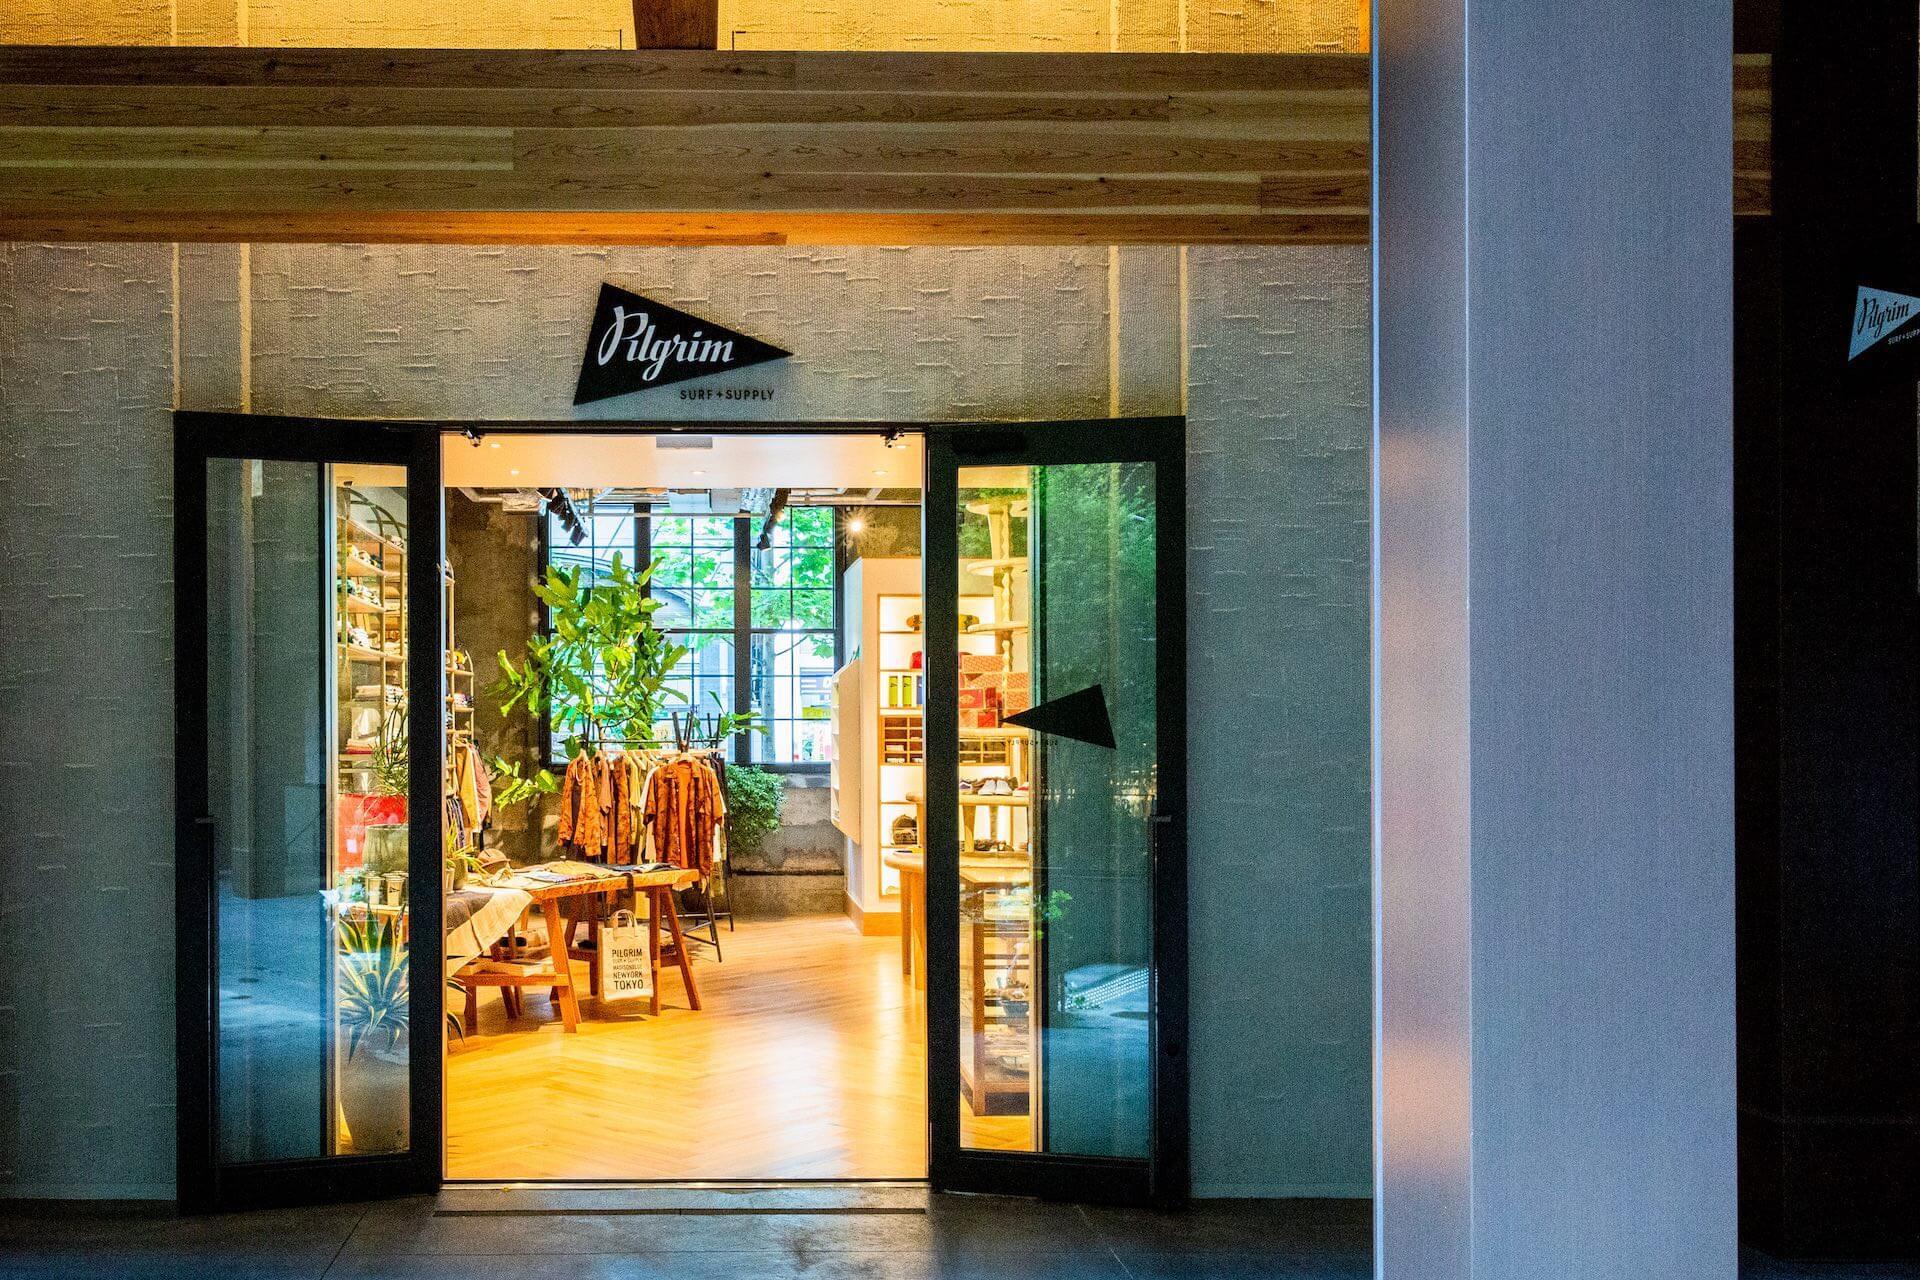 本日開業で話題の新風館内に「ピルグリム サーフ+サプライ 京都」がオープン!イベントやアートショーも開催 ac200611_beams_pilgrim_01